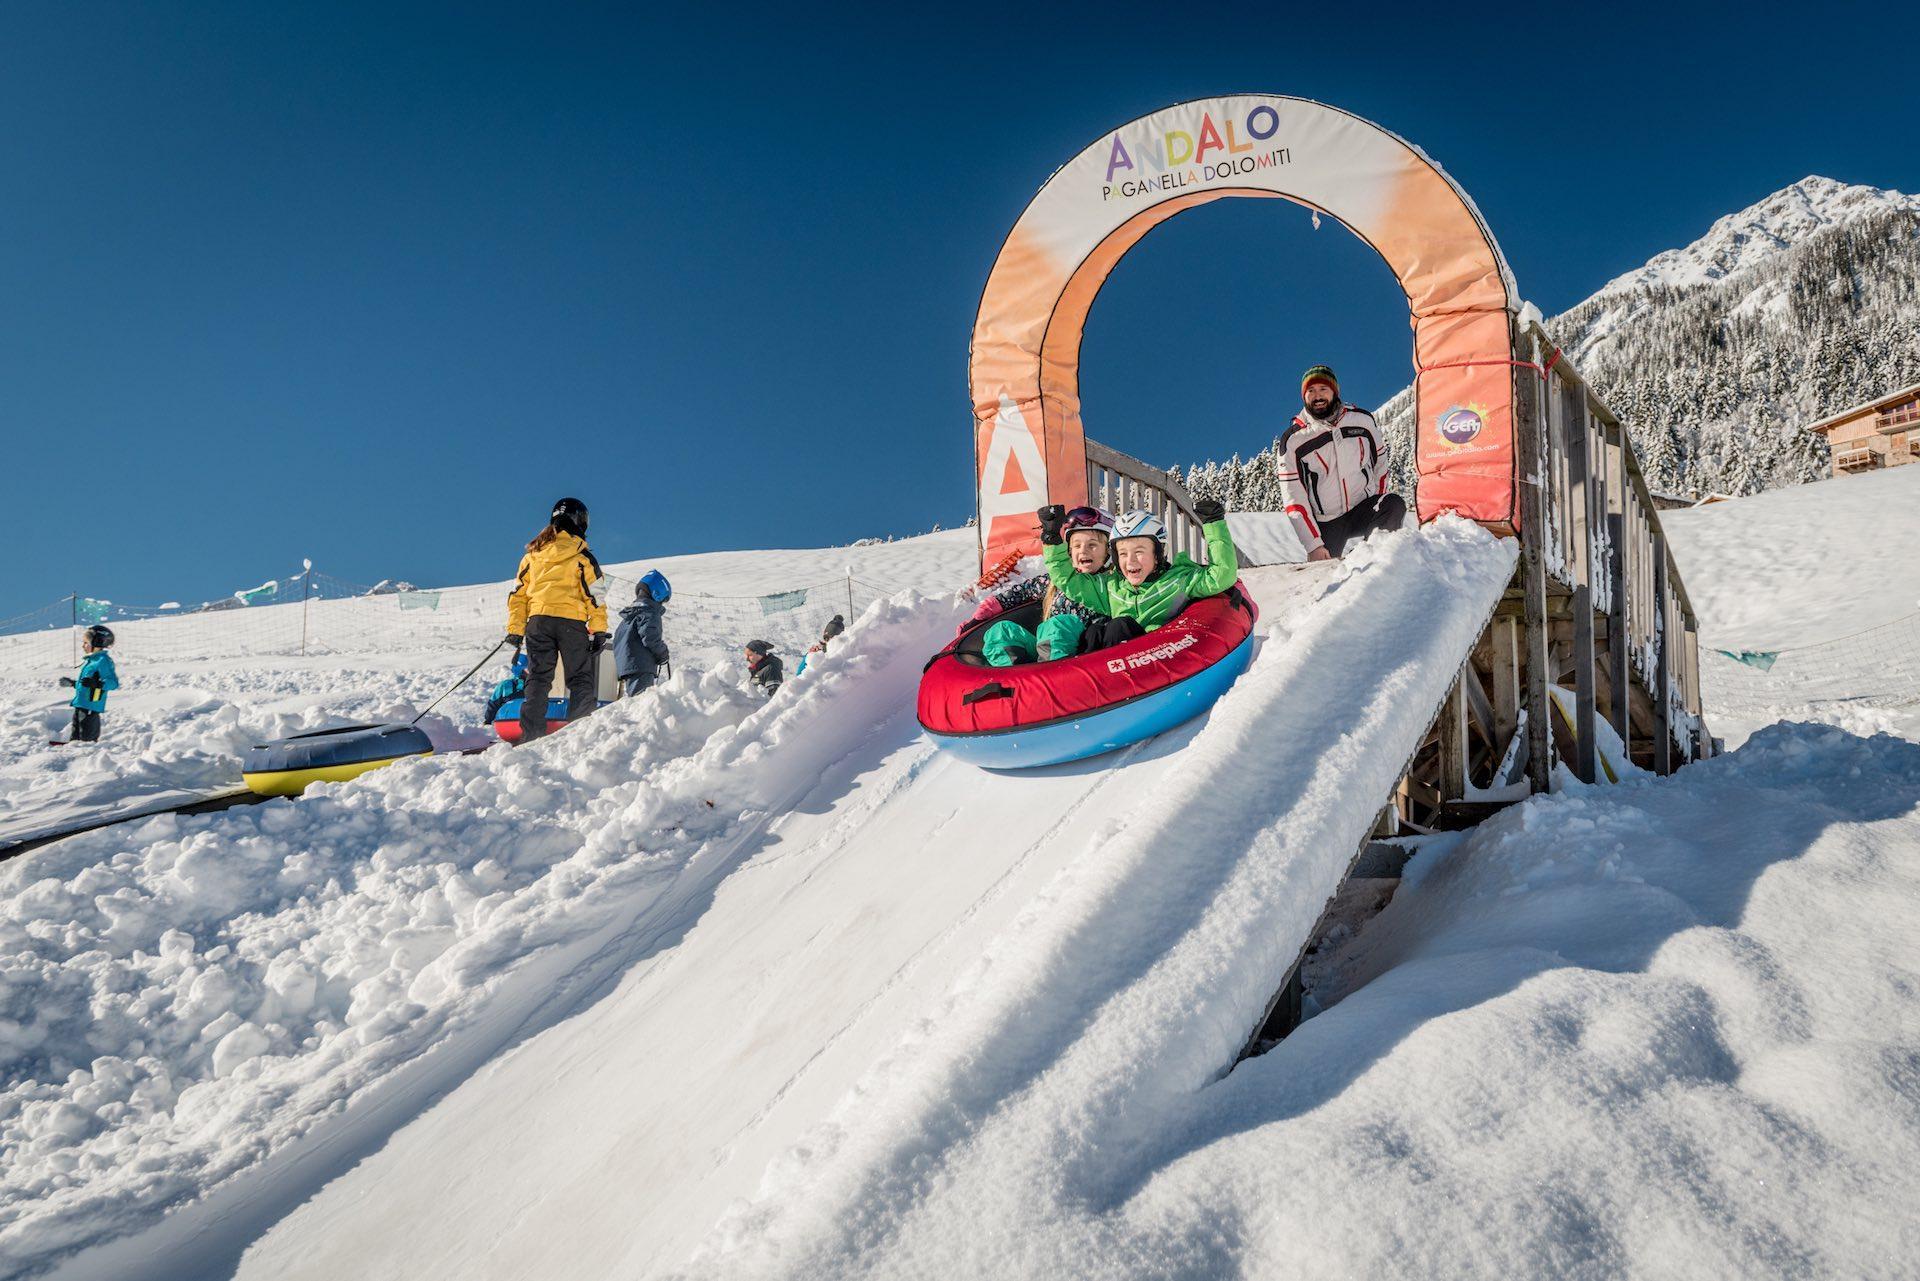 Life Park per vacanze in famiglia invernali in Trentino sulle Dolomiti Paganella